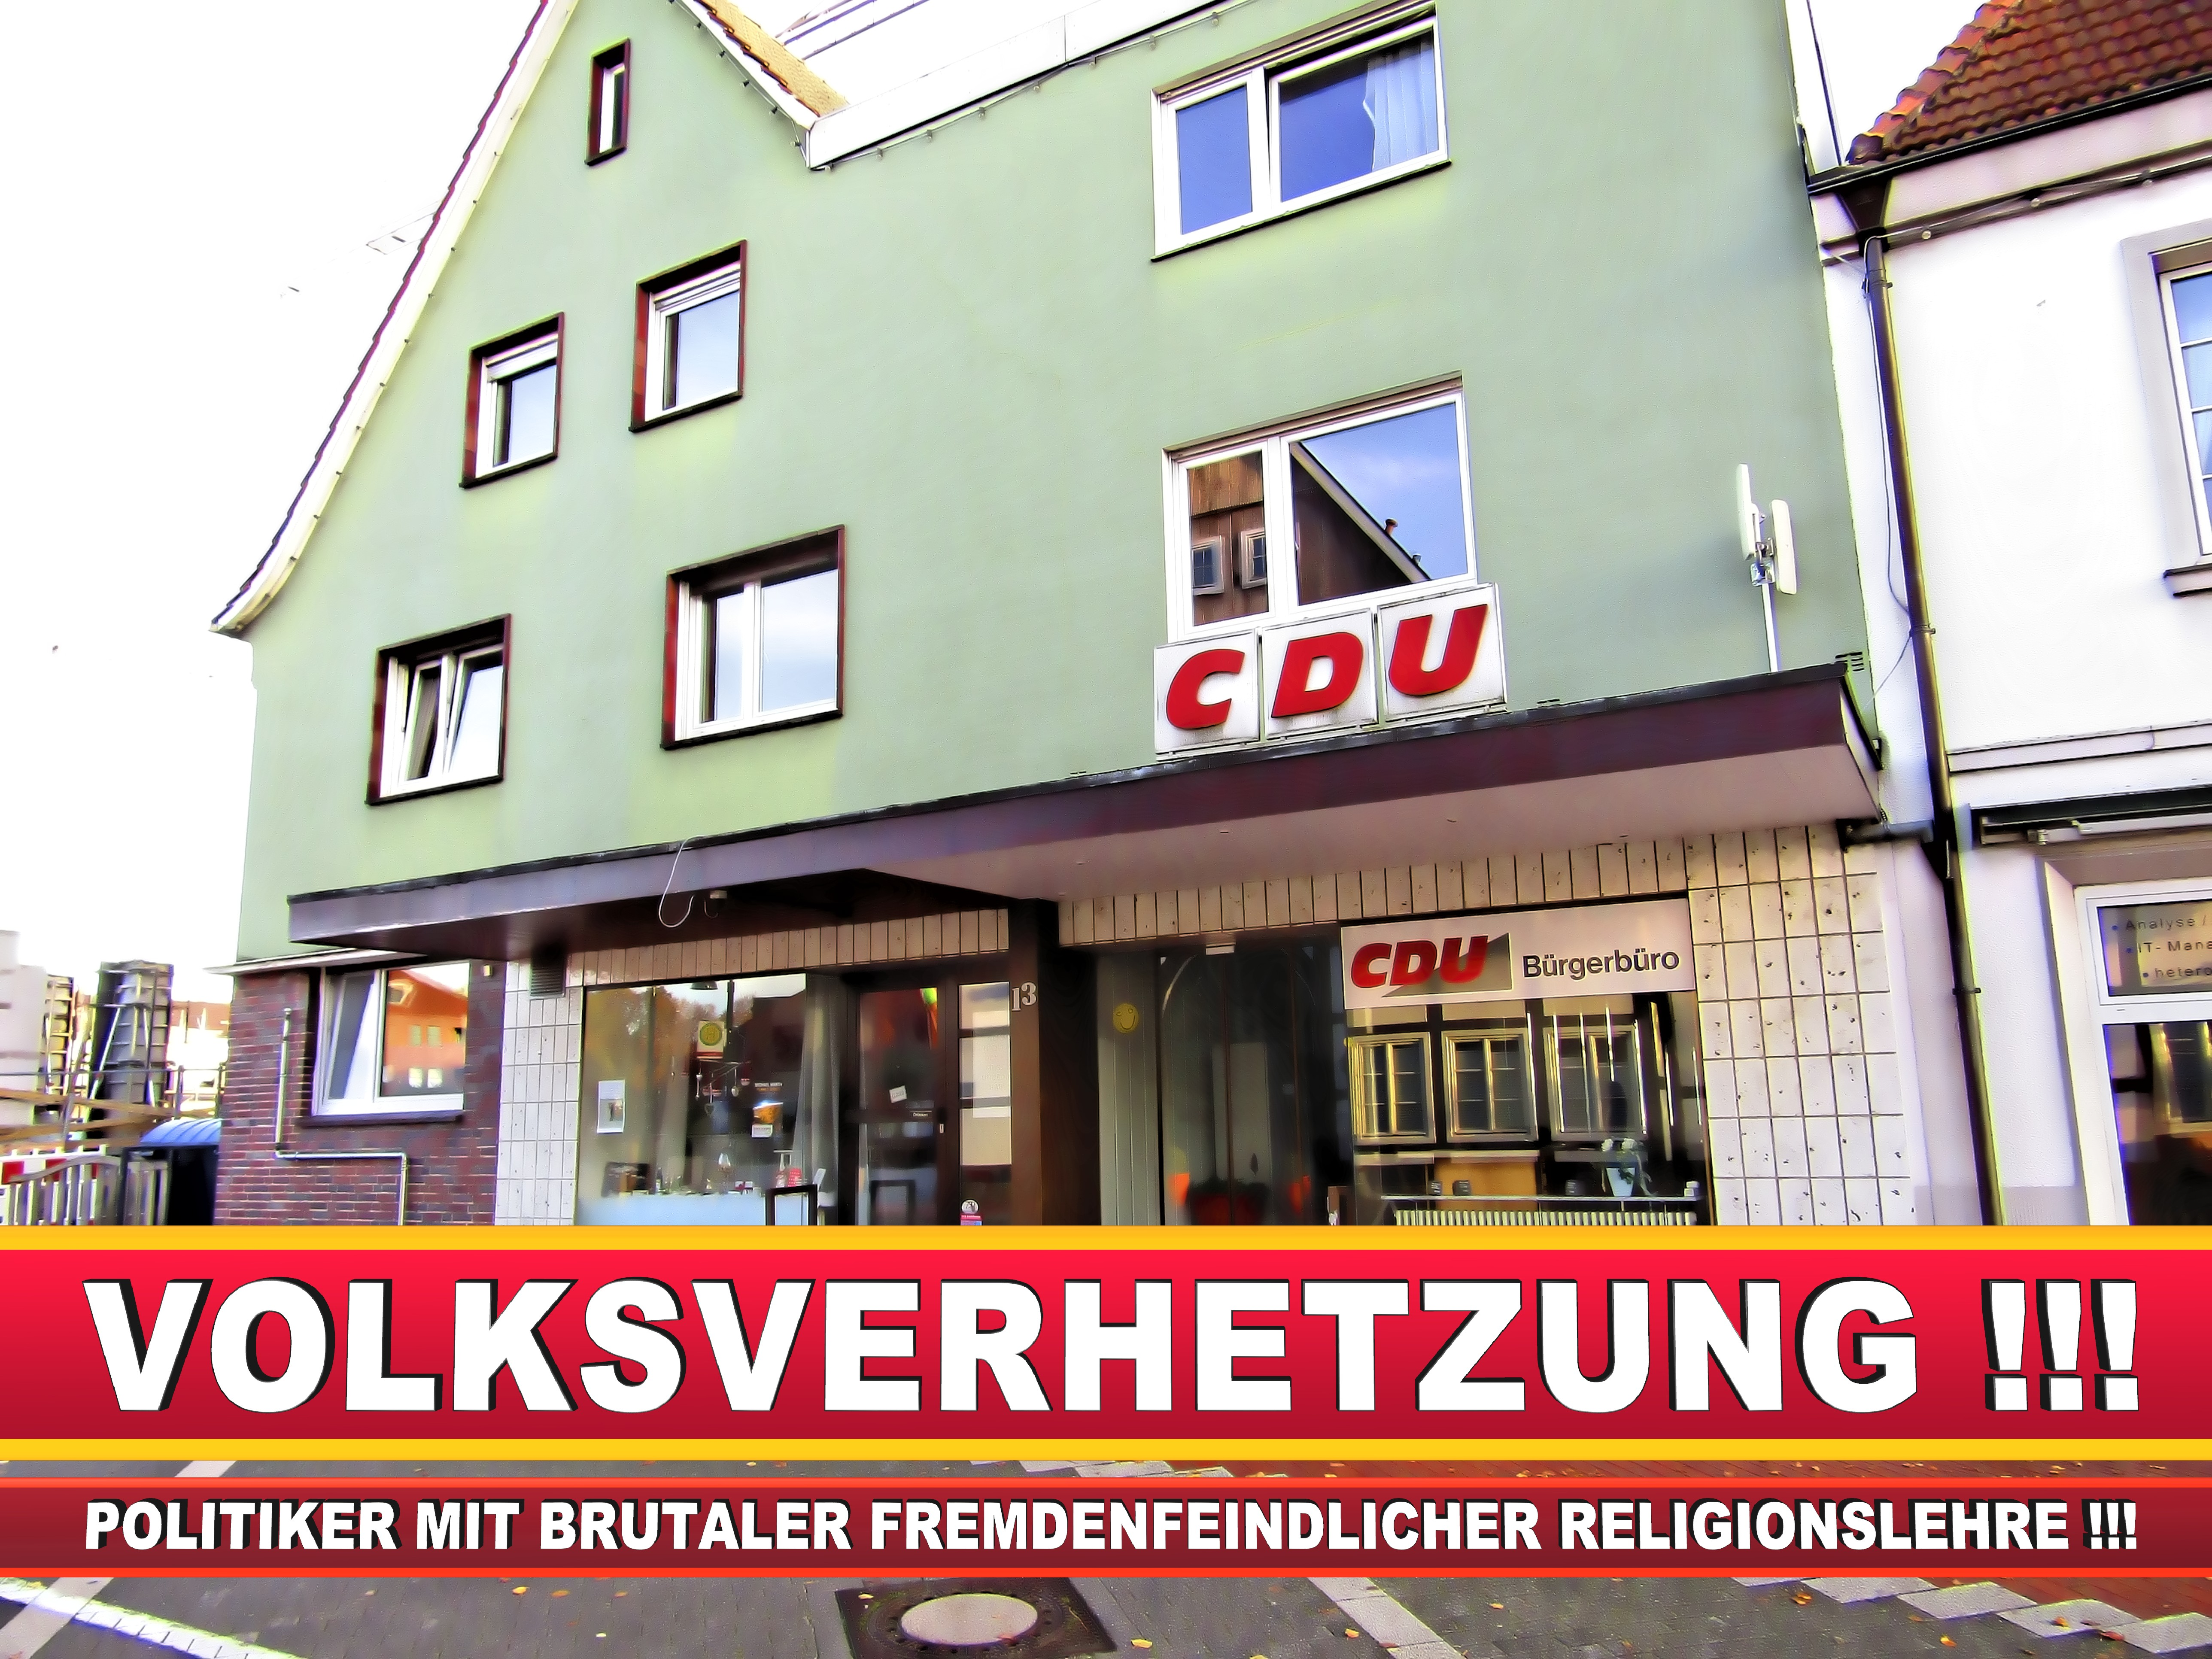 CDU GEMEINDEVERBAND STEINHAGEN AM MARKT 13 33803 STEINHAGEN NRW ORTSVERBAND CDU STEINHAGEN (13)